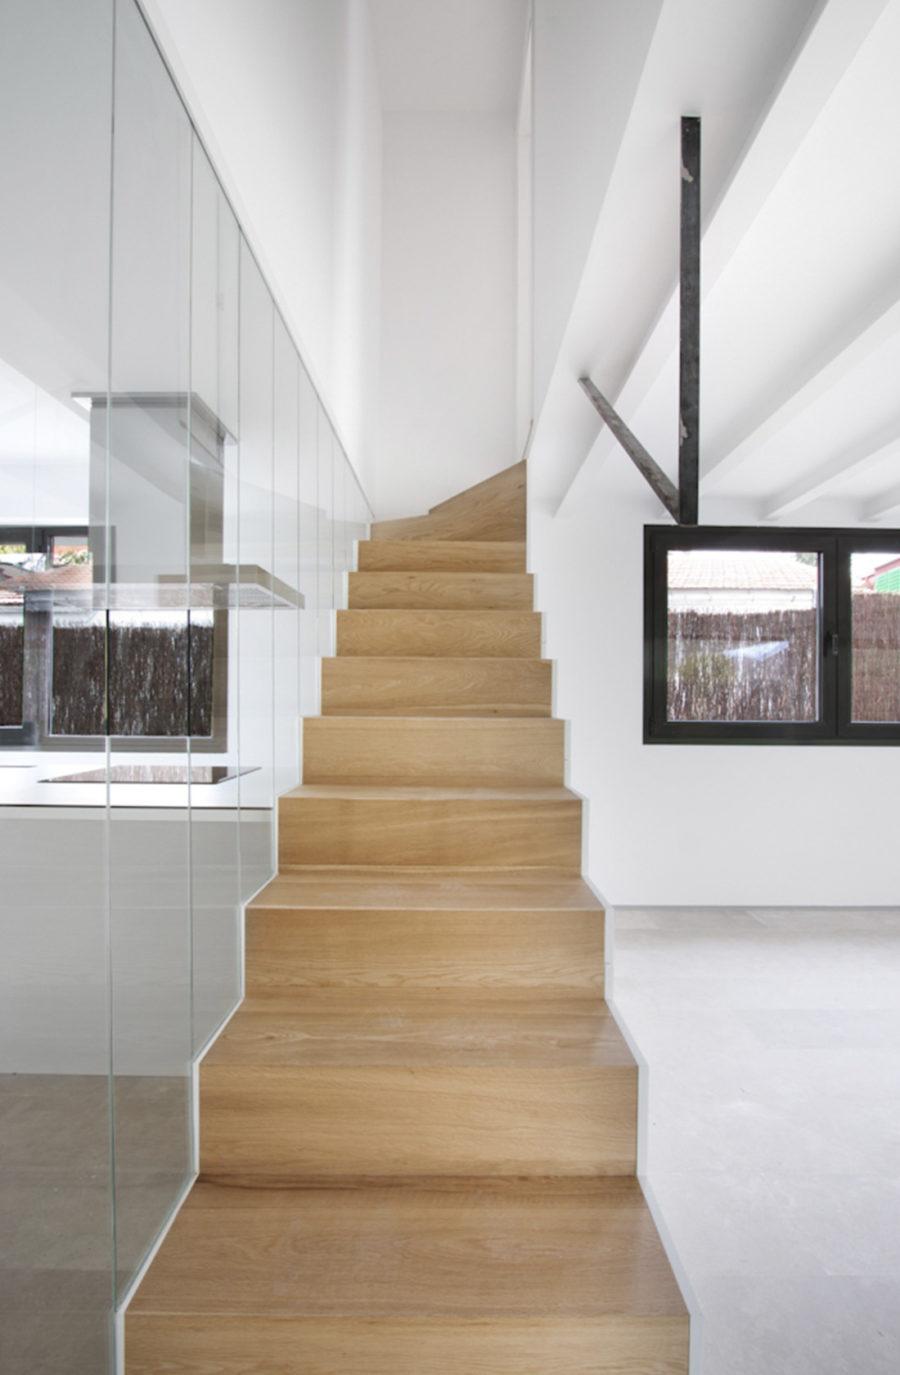 Promocion viviendas aravaca escalera 1